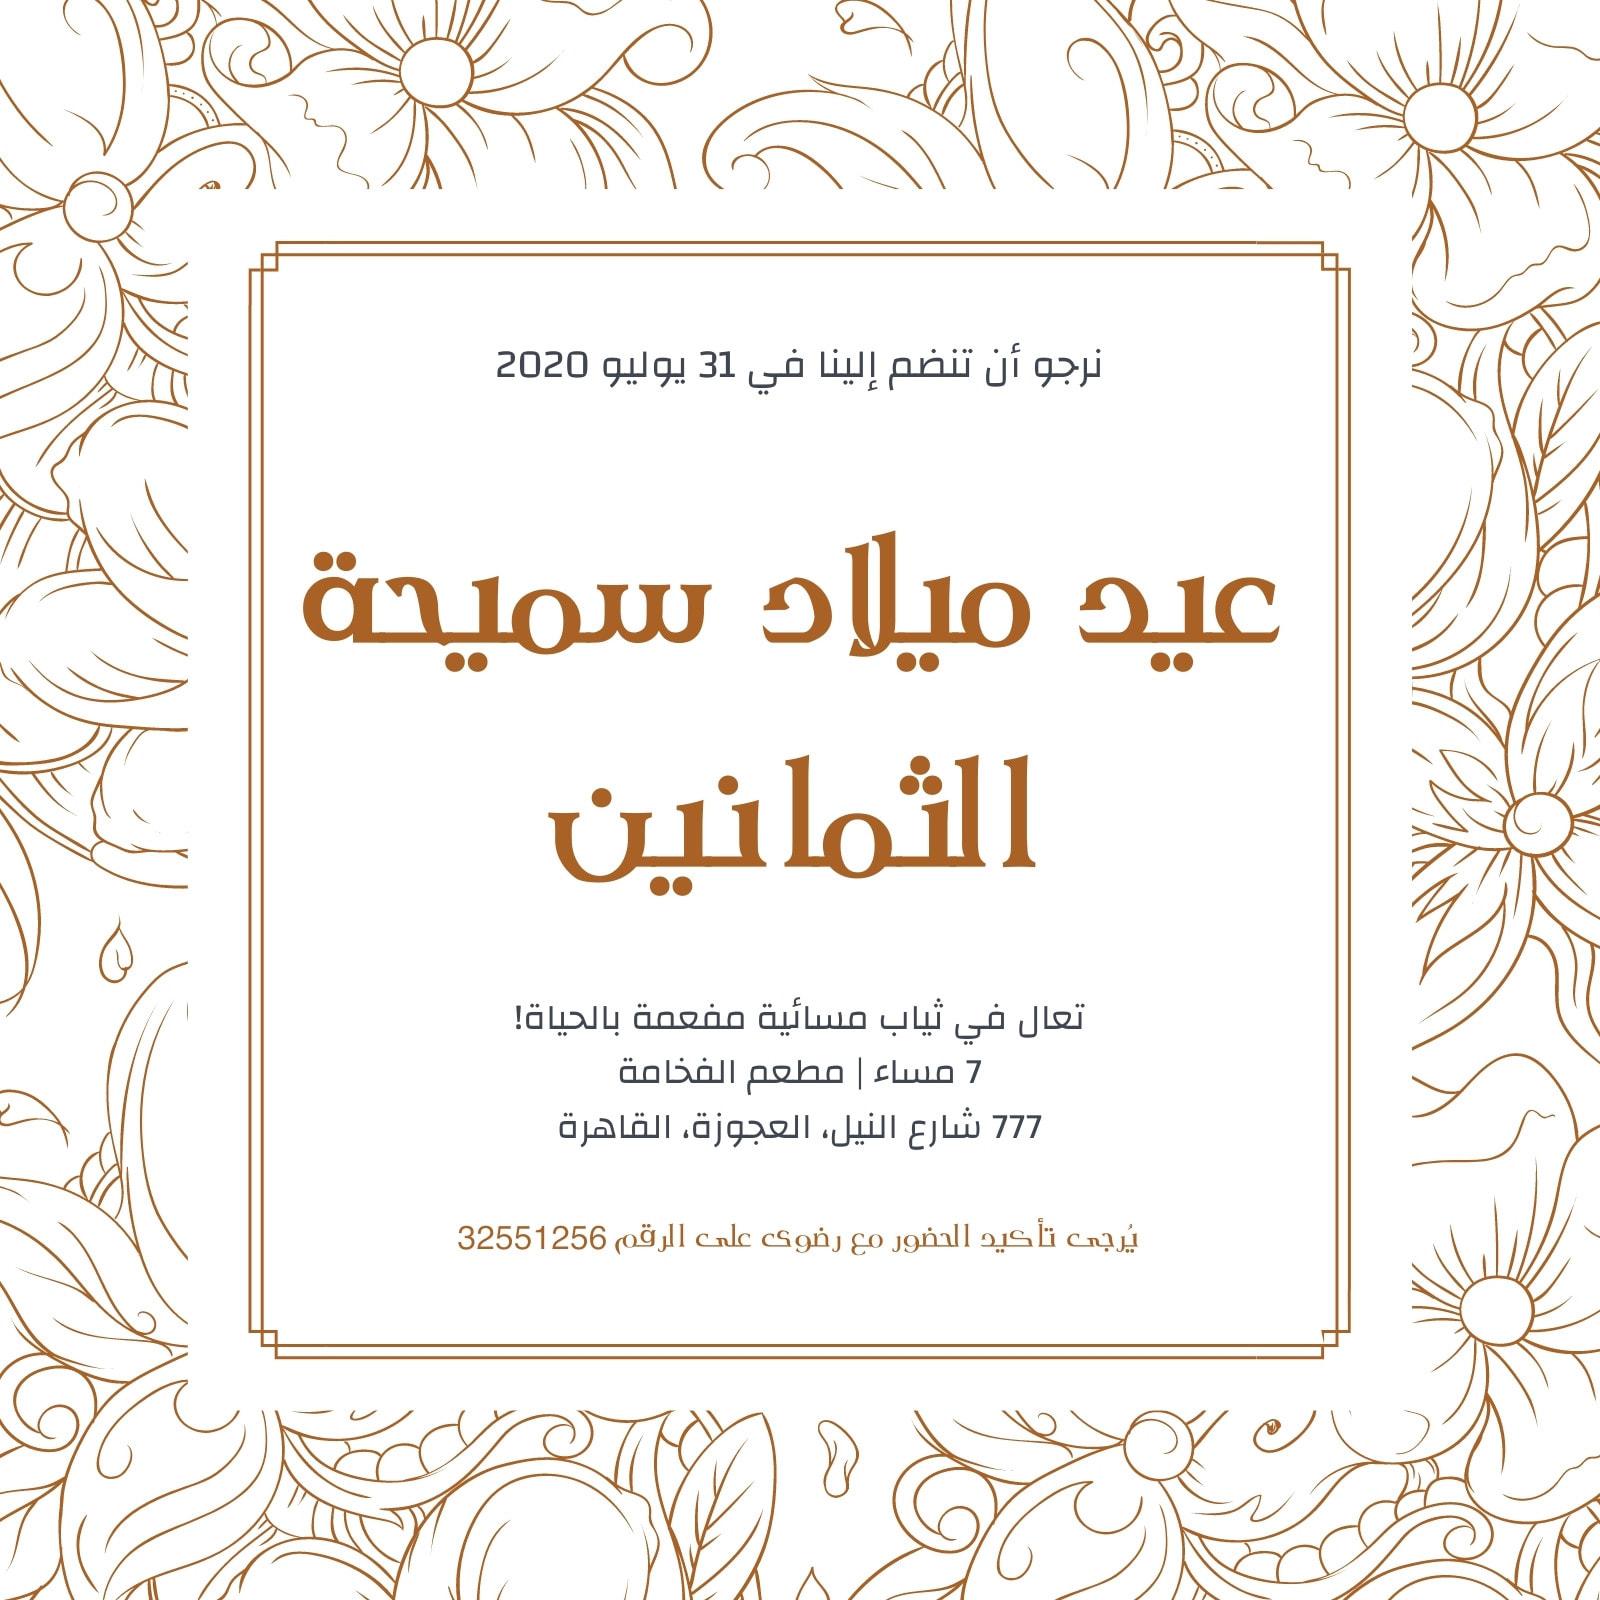 دعوة أنيقة زهرية منقوشة عيد ميلاد 80